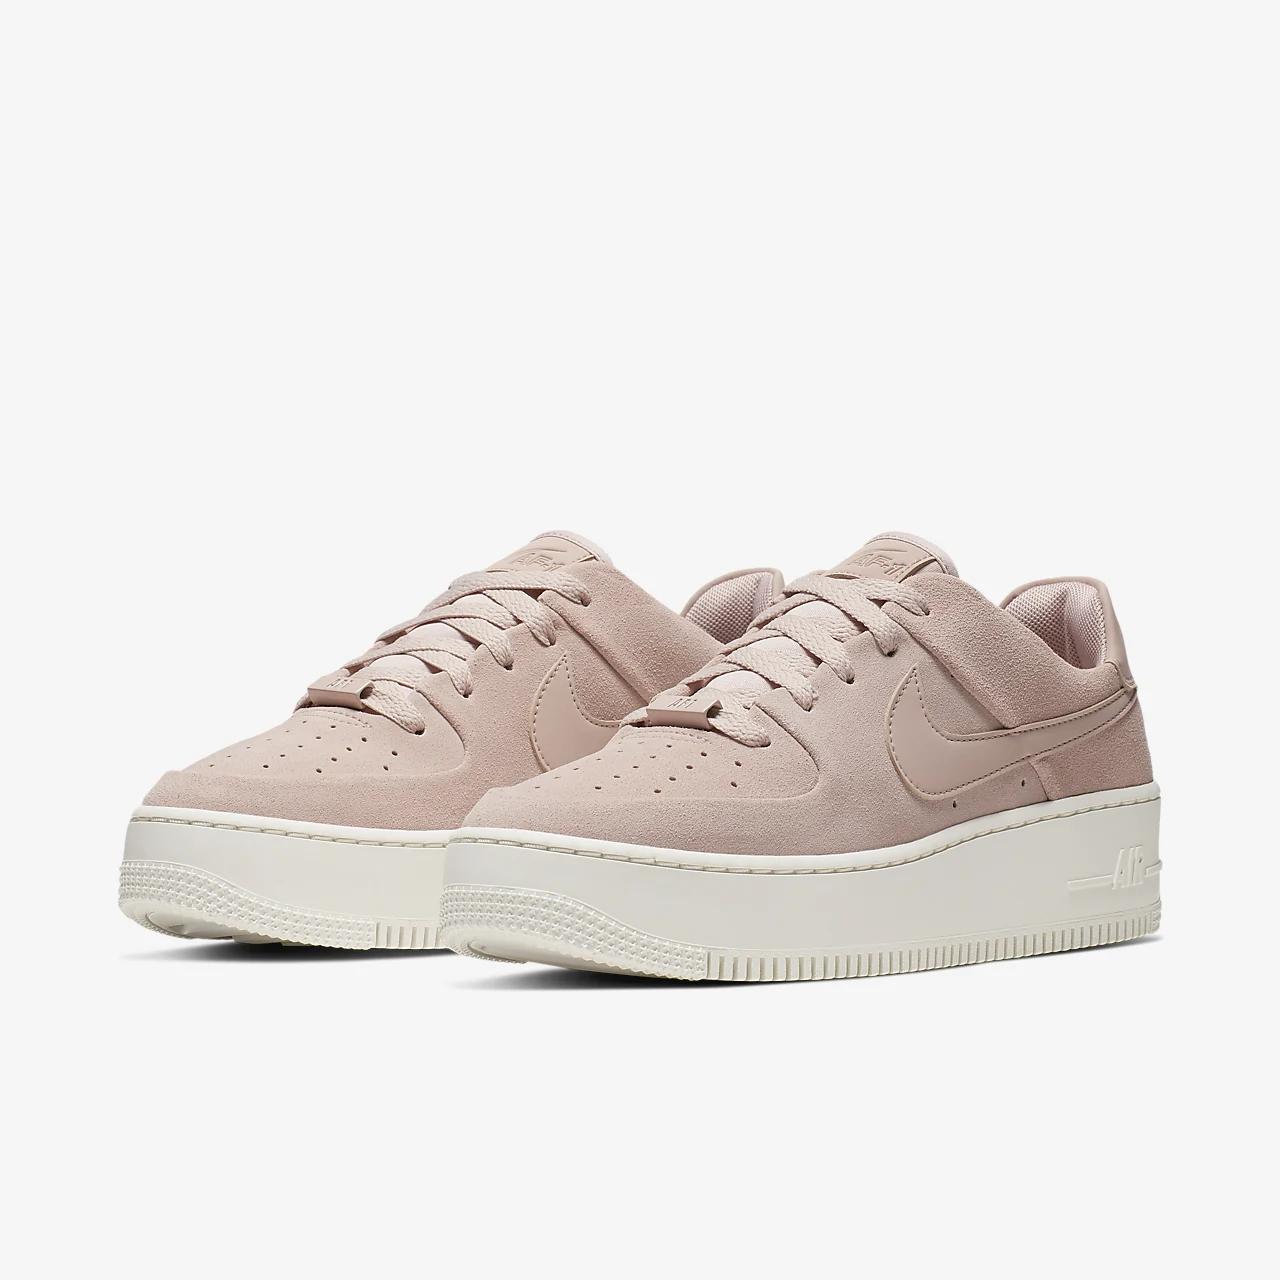 나이키 에어 포스 1 세이지 로우 여성 신발 AR5339-201